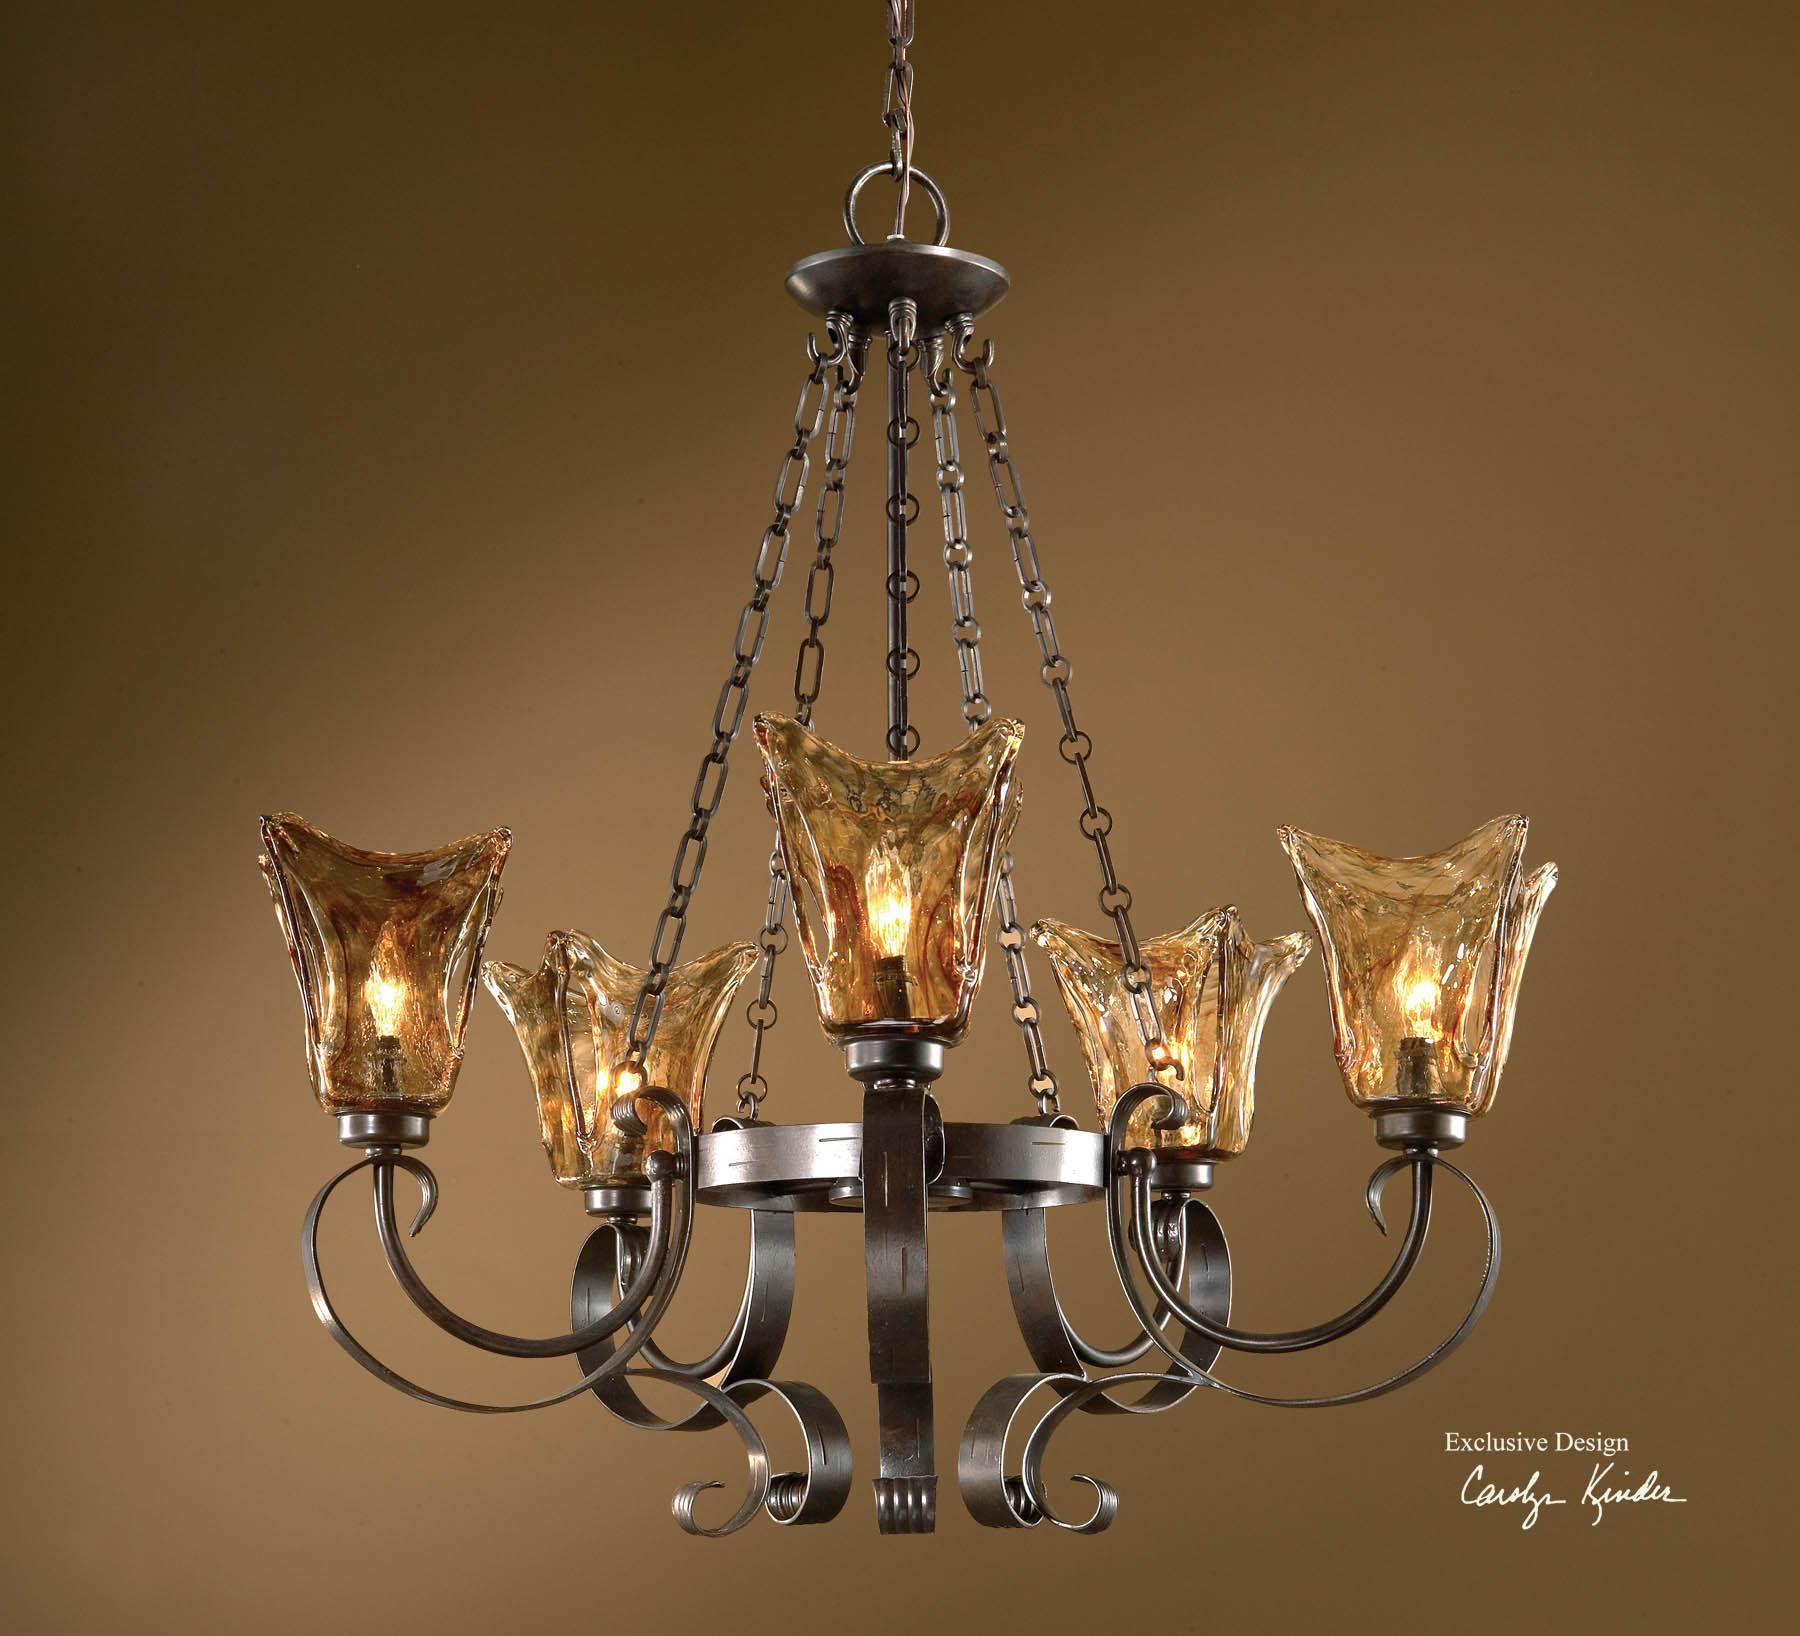 Uttermost Lighting Fixtures Vetraio 5-Light Chandelier - Item Number: 21007